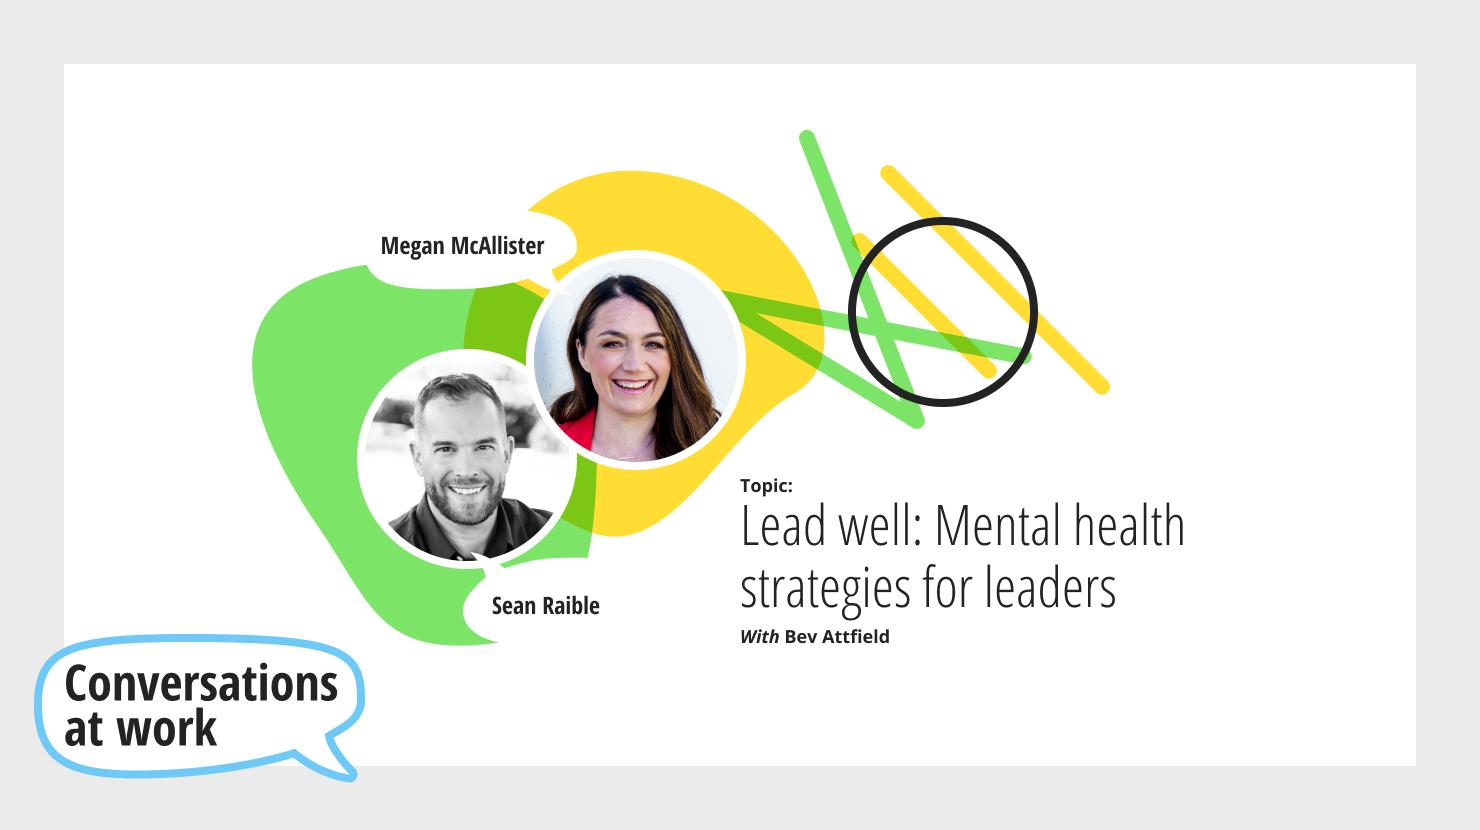 Lead well: Mental health strategies for leaders